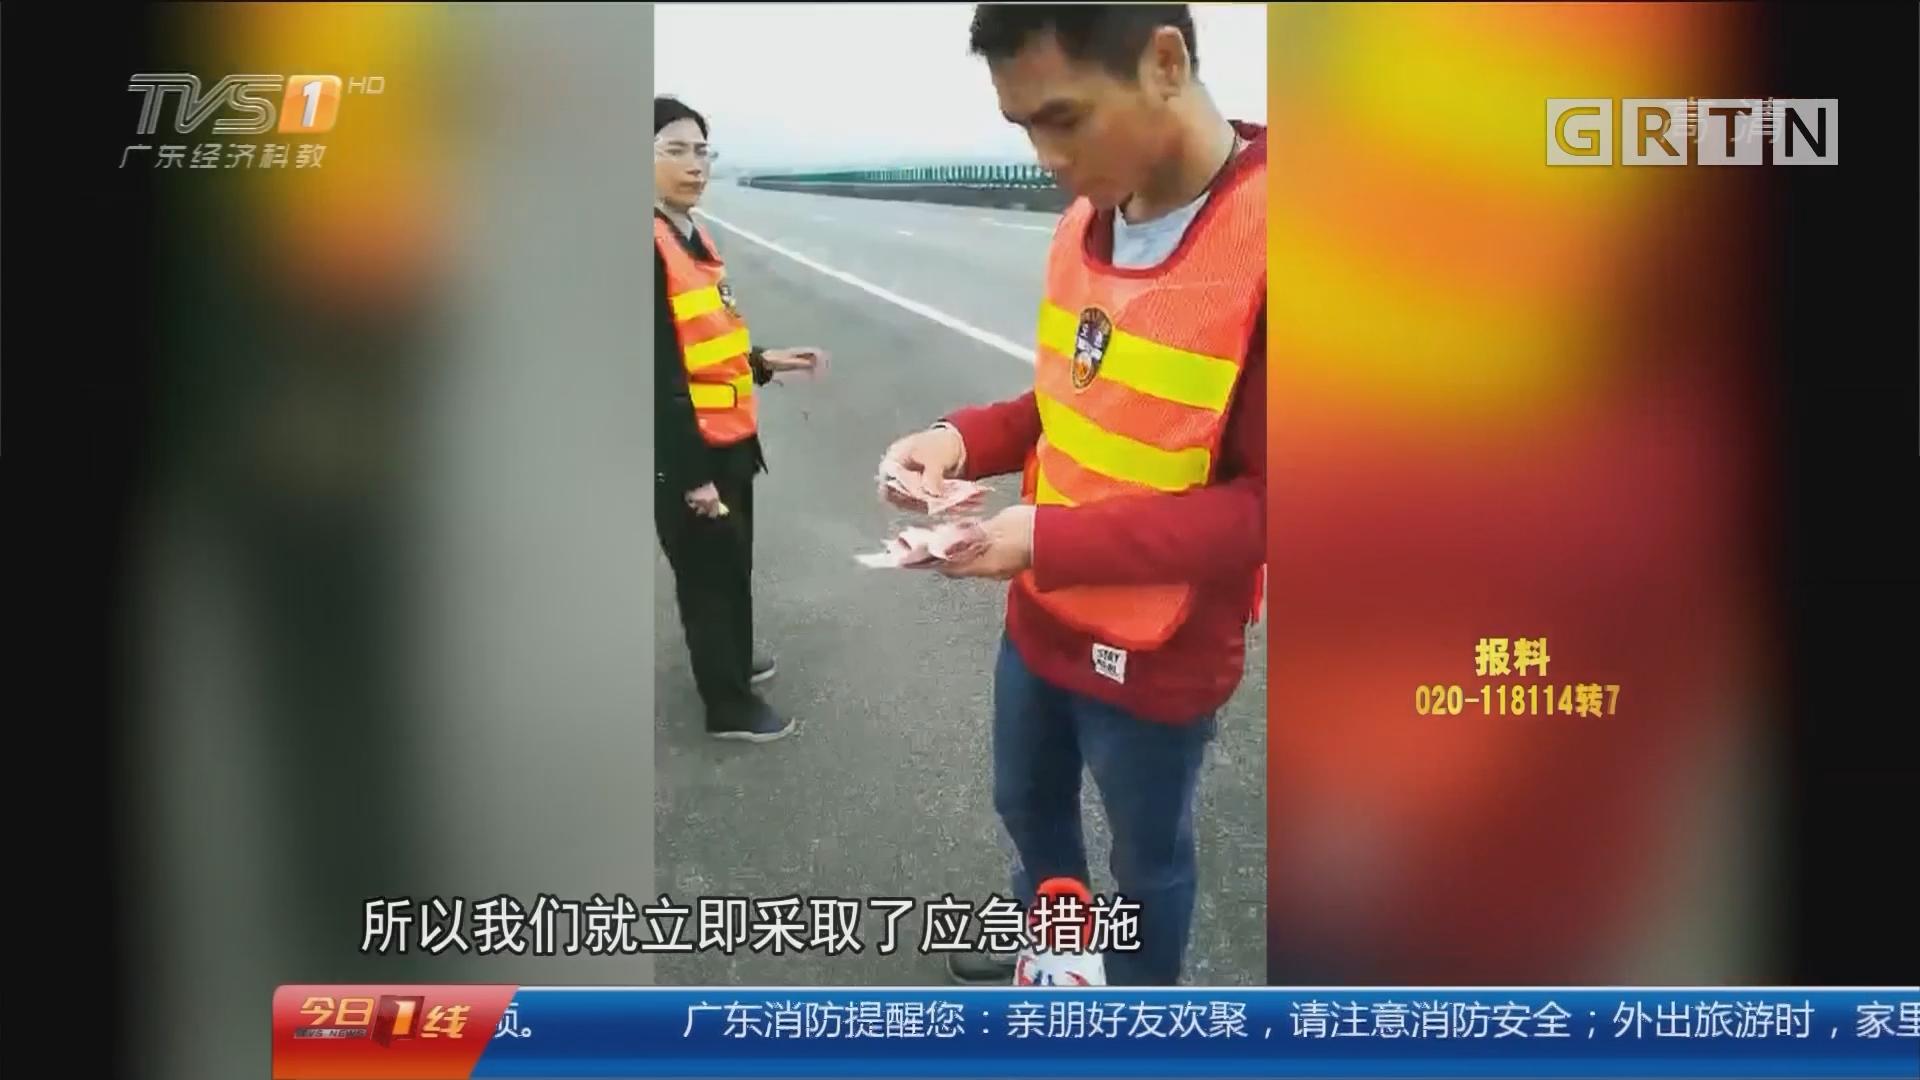 珠海南屏收费站:百元大钞散落高速 谁撒的钱?